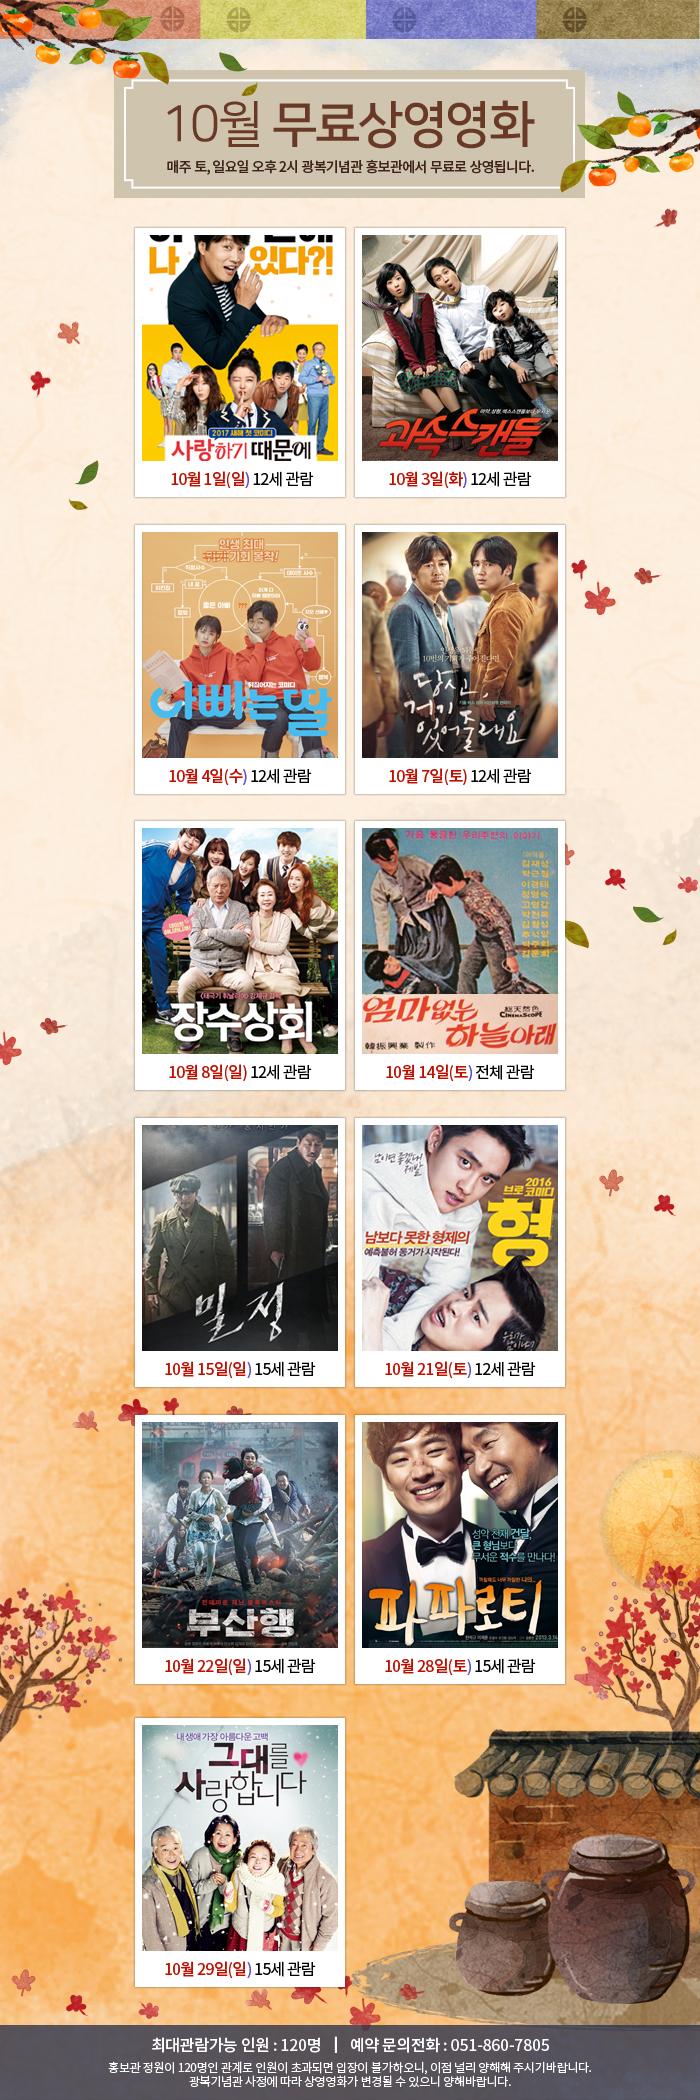 광복기념관 무료영화상영 안내(2017년 10월) 이미지1번째